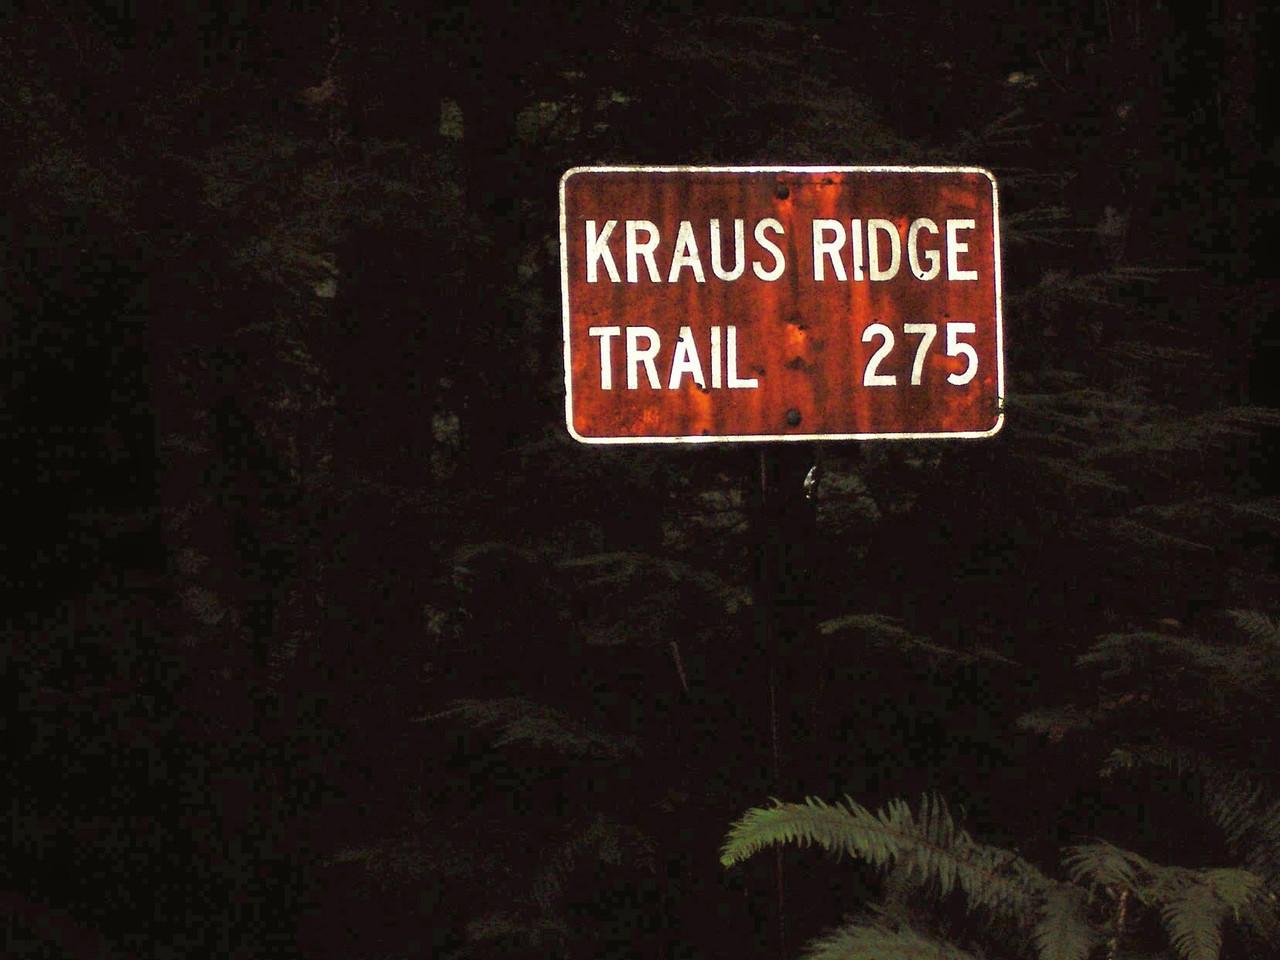 This was a good trail, easy & fun.